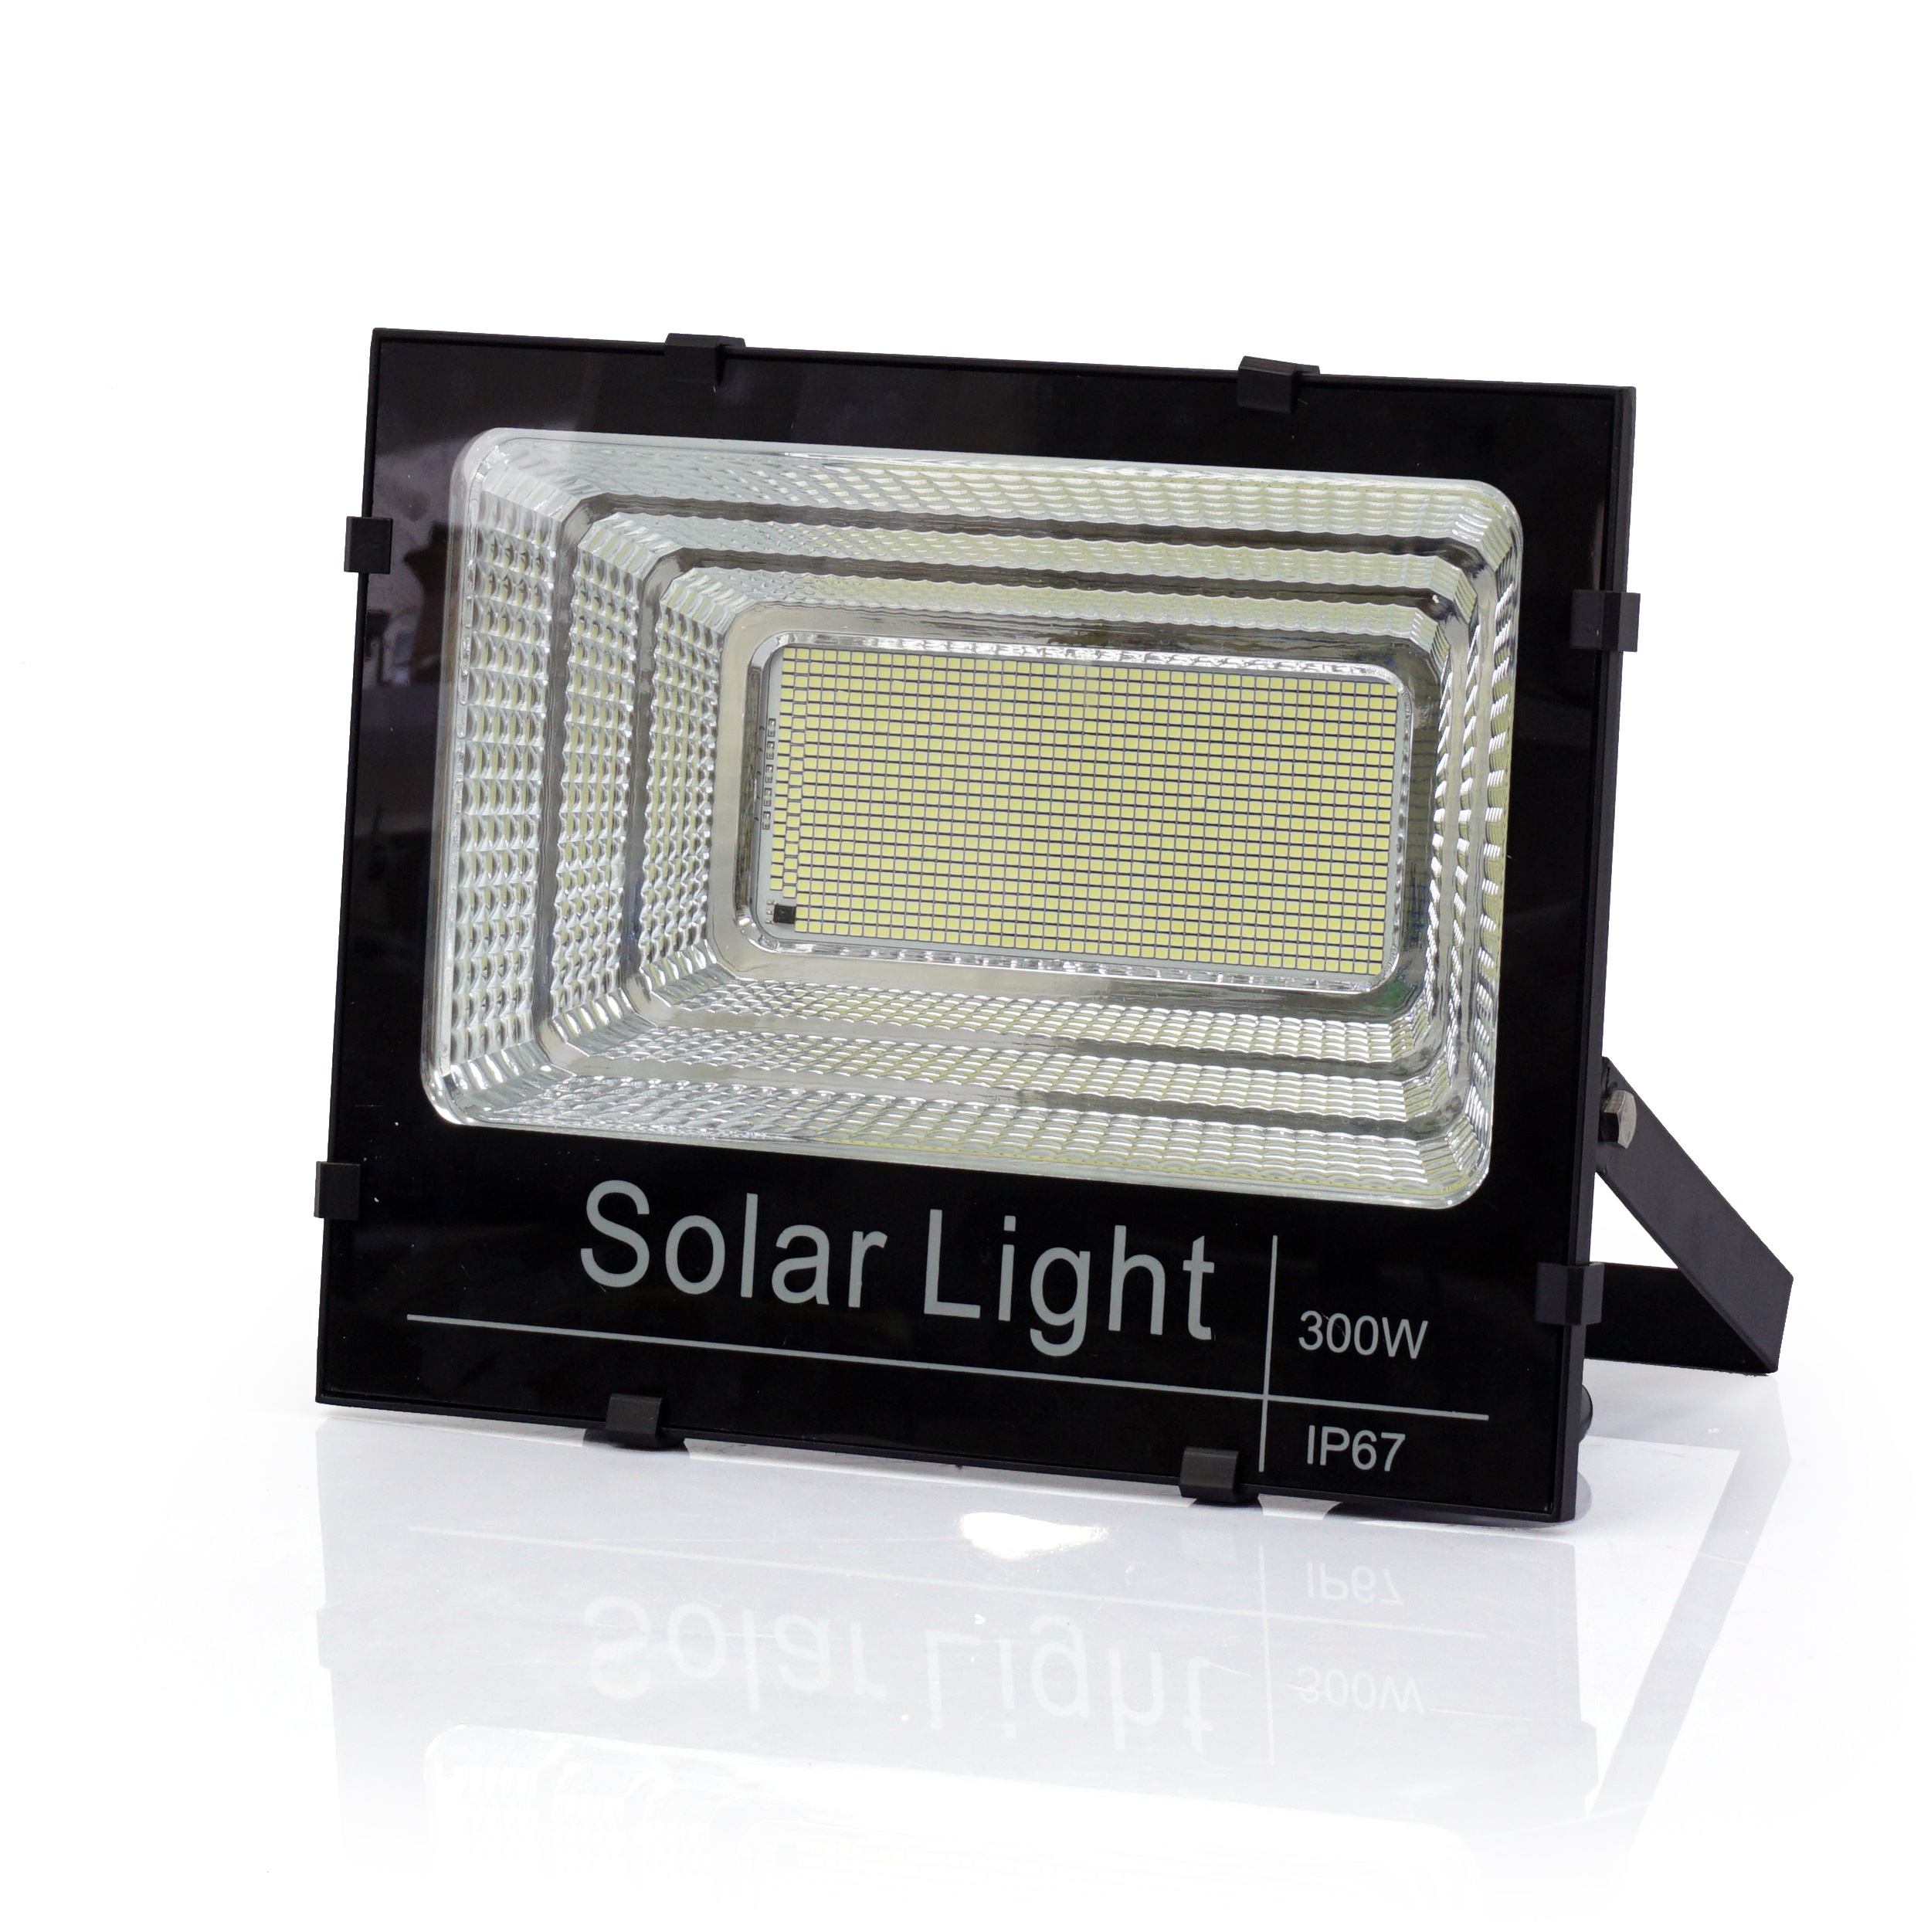 Đèn pha năng lượng mặt trời SUNTEK LED SOLAR 300W - Hàng chính hãng